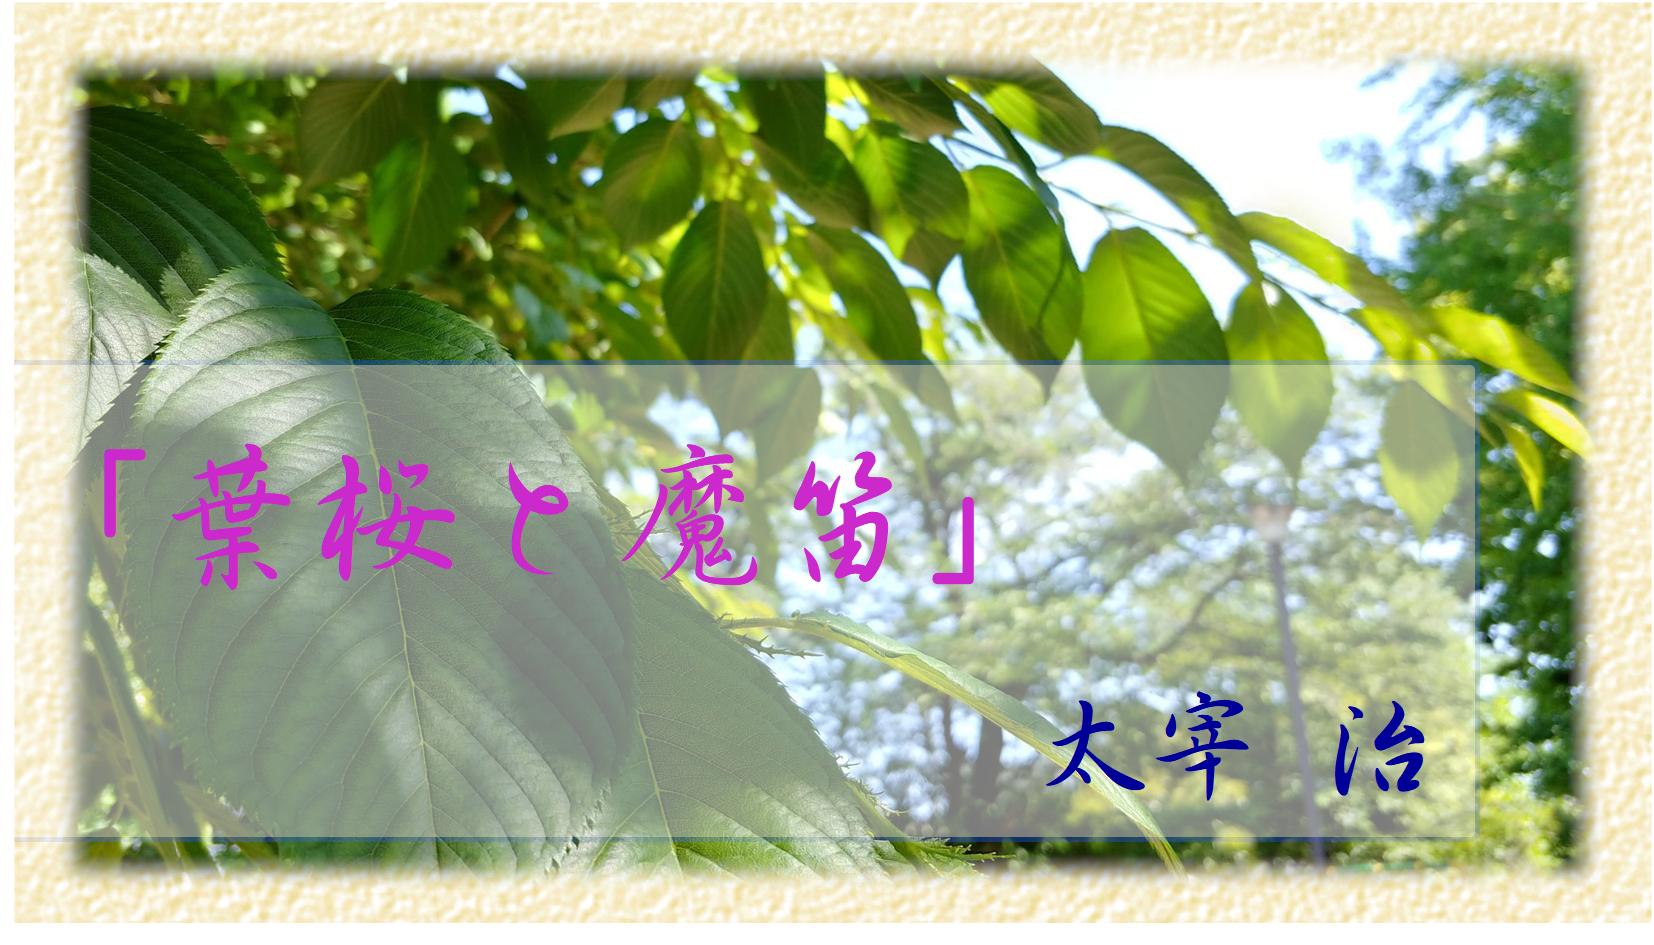 太宰治作「葉桜と魔笛」サムネイル小